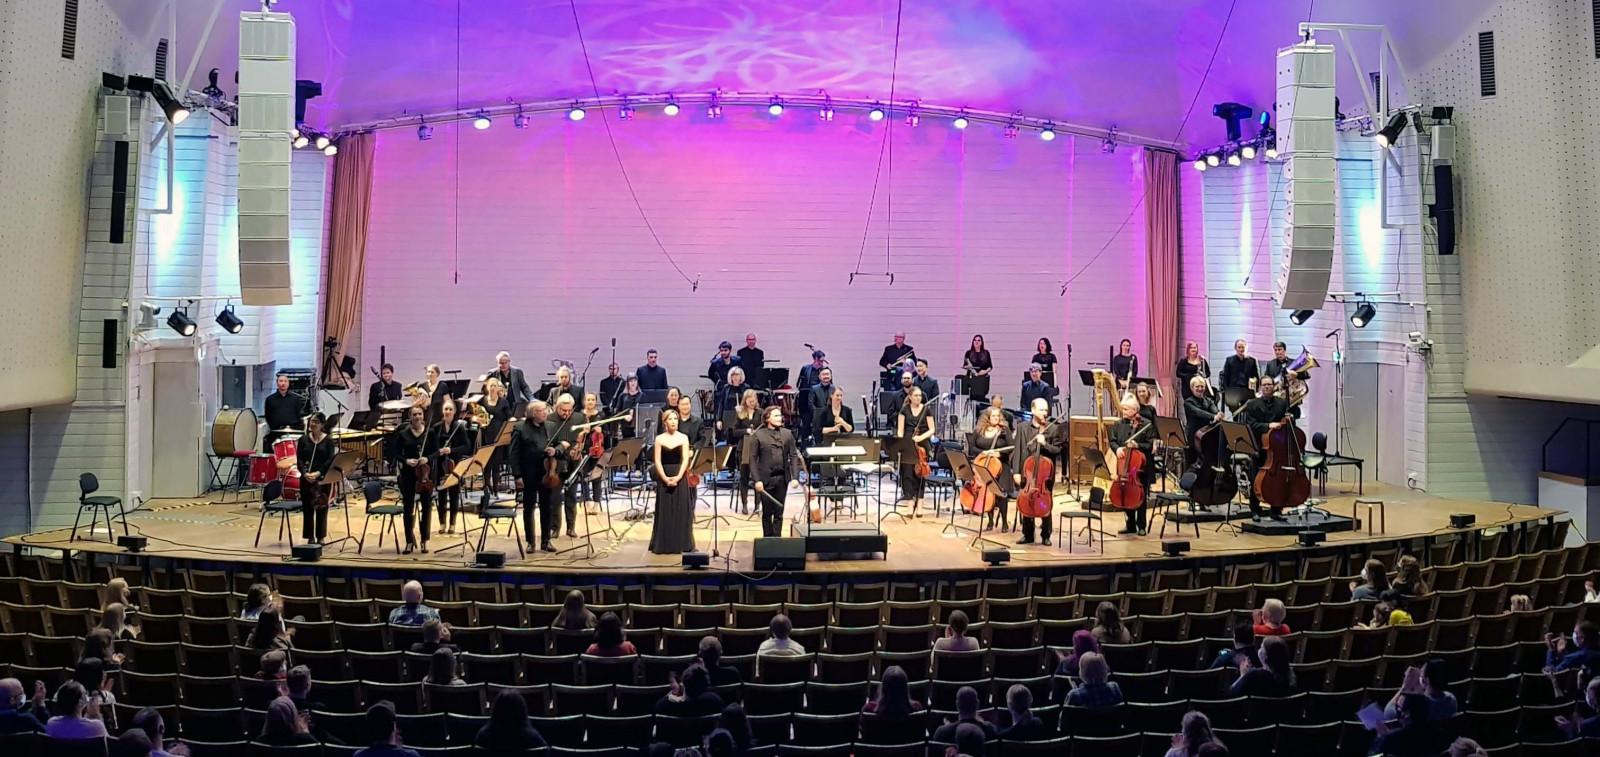 Lavalla esiintyjiä ja katsomossa asiakkaita TFO:n SAGAS - Orchestral Fantasy Music -konsertissa